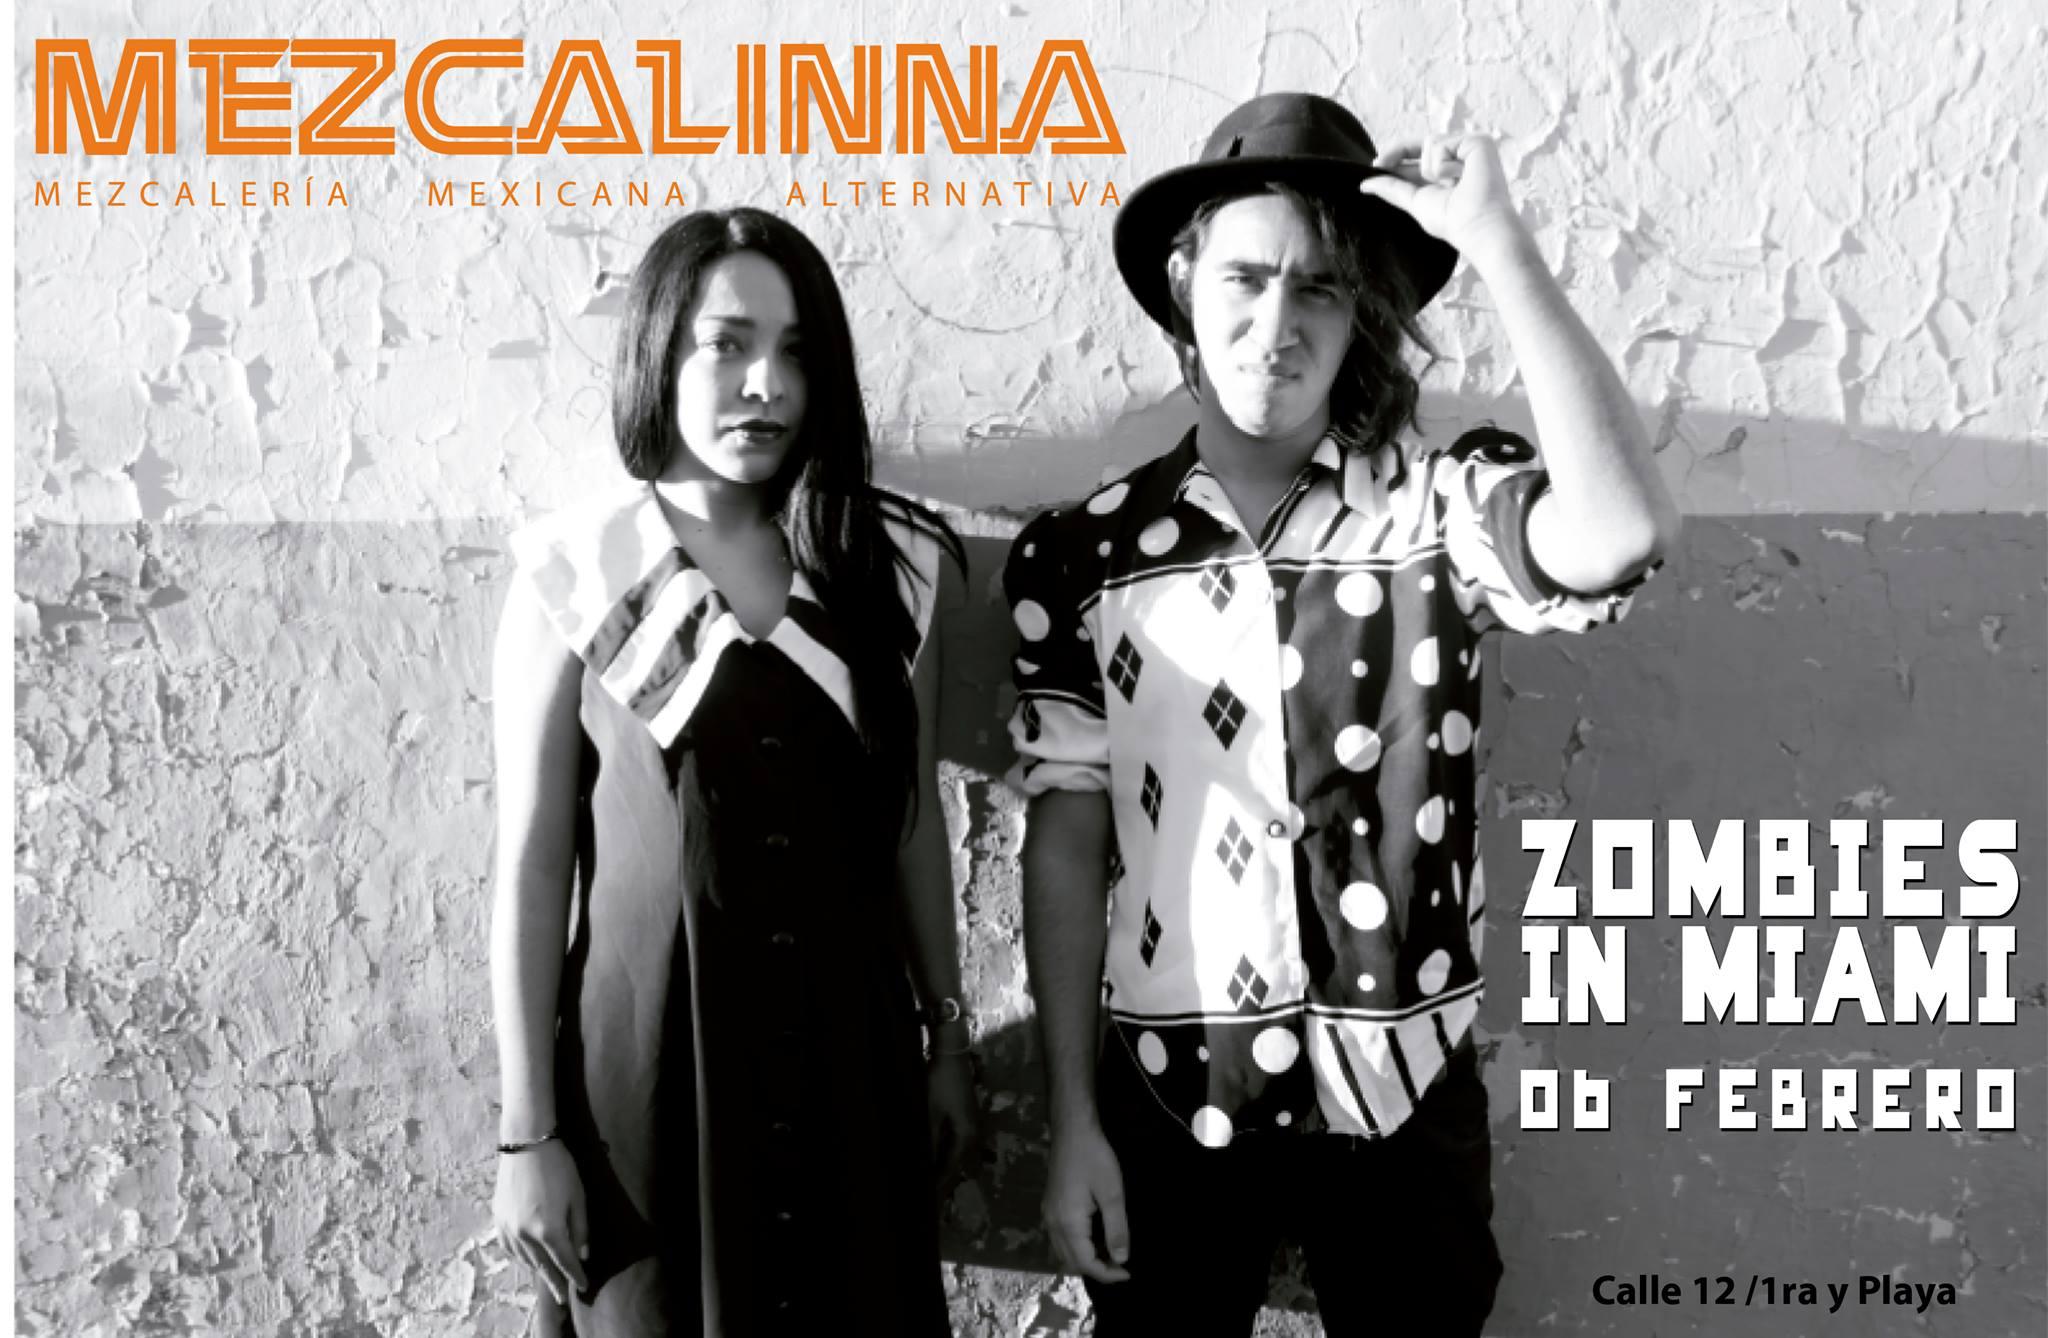 Zombies In Miami @ La Mezcalinna